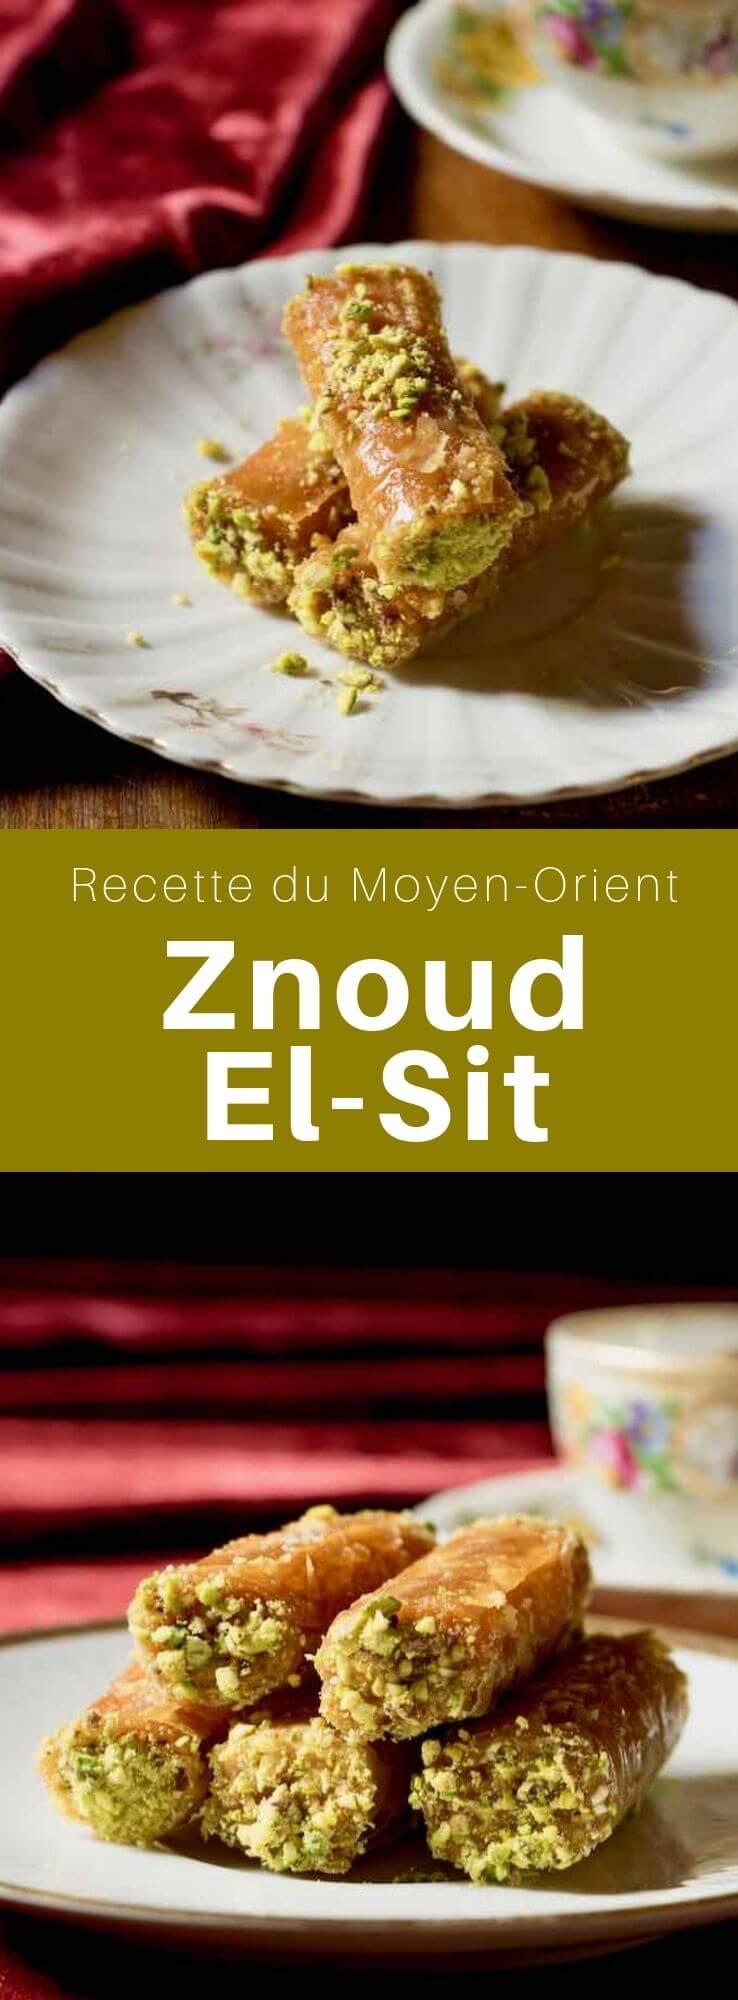 Le znoud el-sit est une pâtisserie populaire du Moyen Orient qui se prépare avec de la feuille phyllo farcie de crème de lait. #CuisineDuMoyenOrient #MoyenOrient #CuisineDuMonde #196flavors